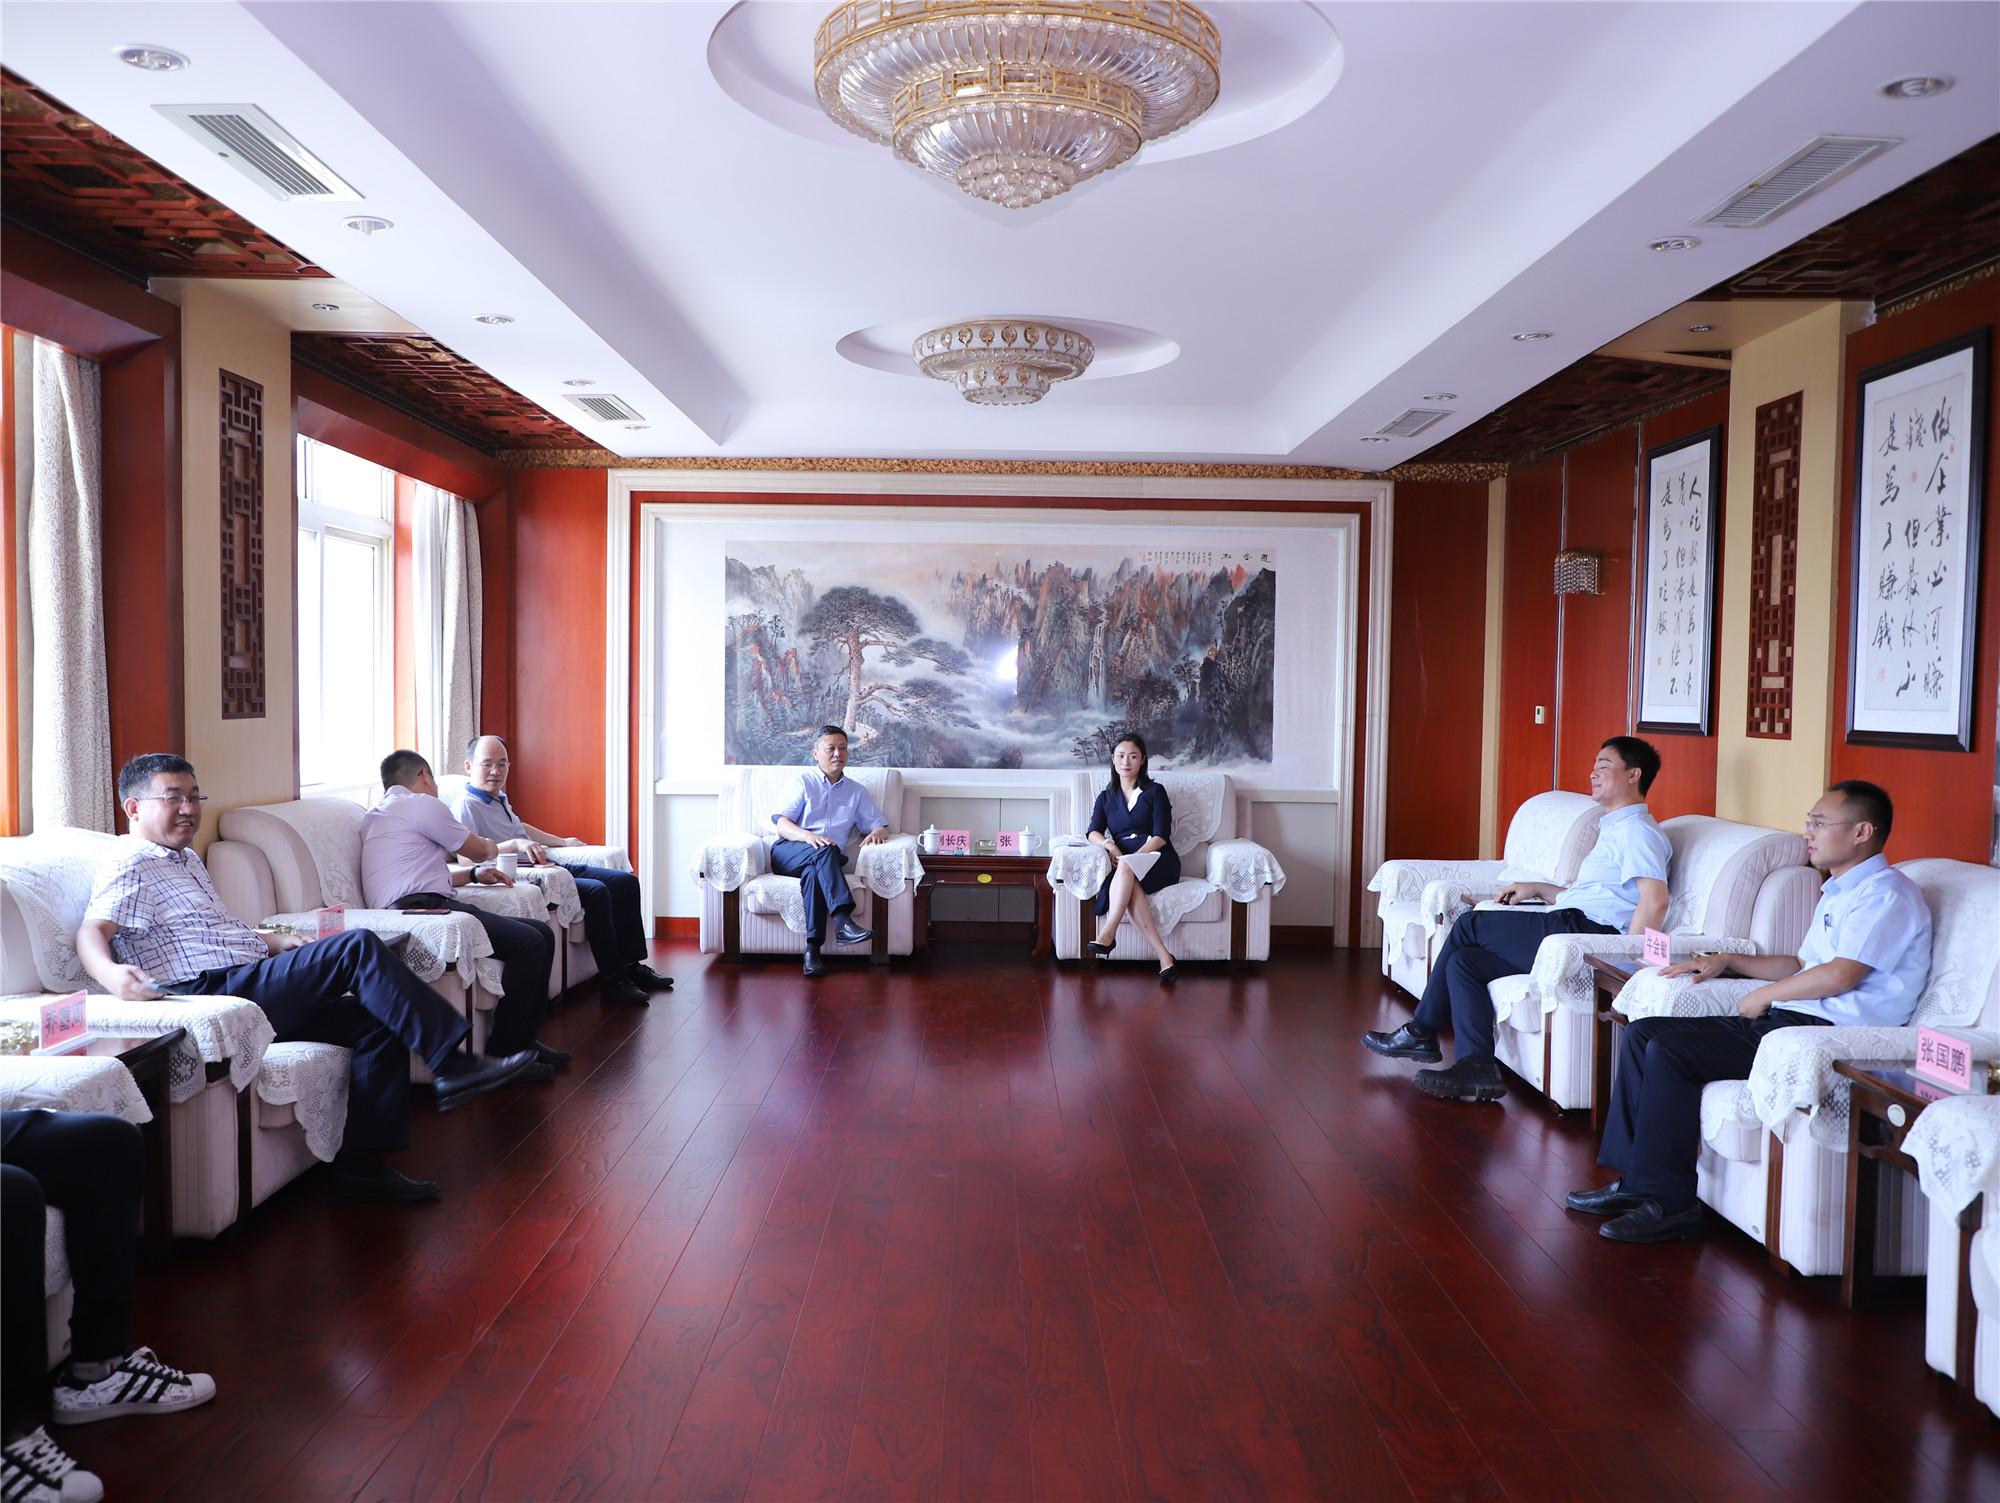 兰格集团董事长刘长庆一行在宏达集团交流访问